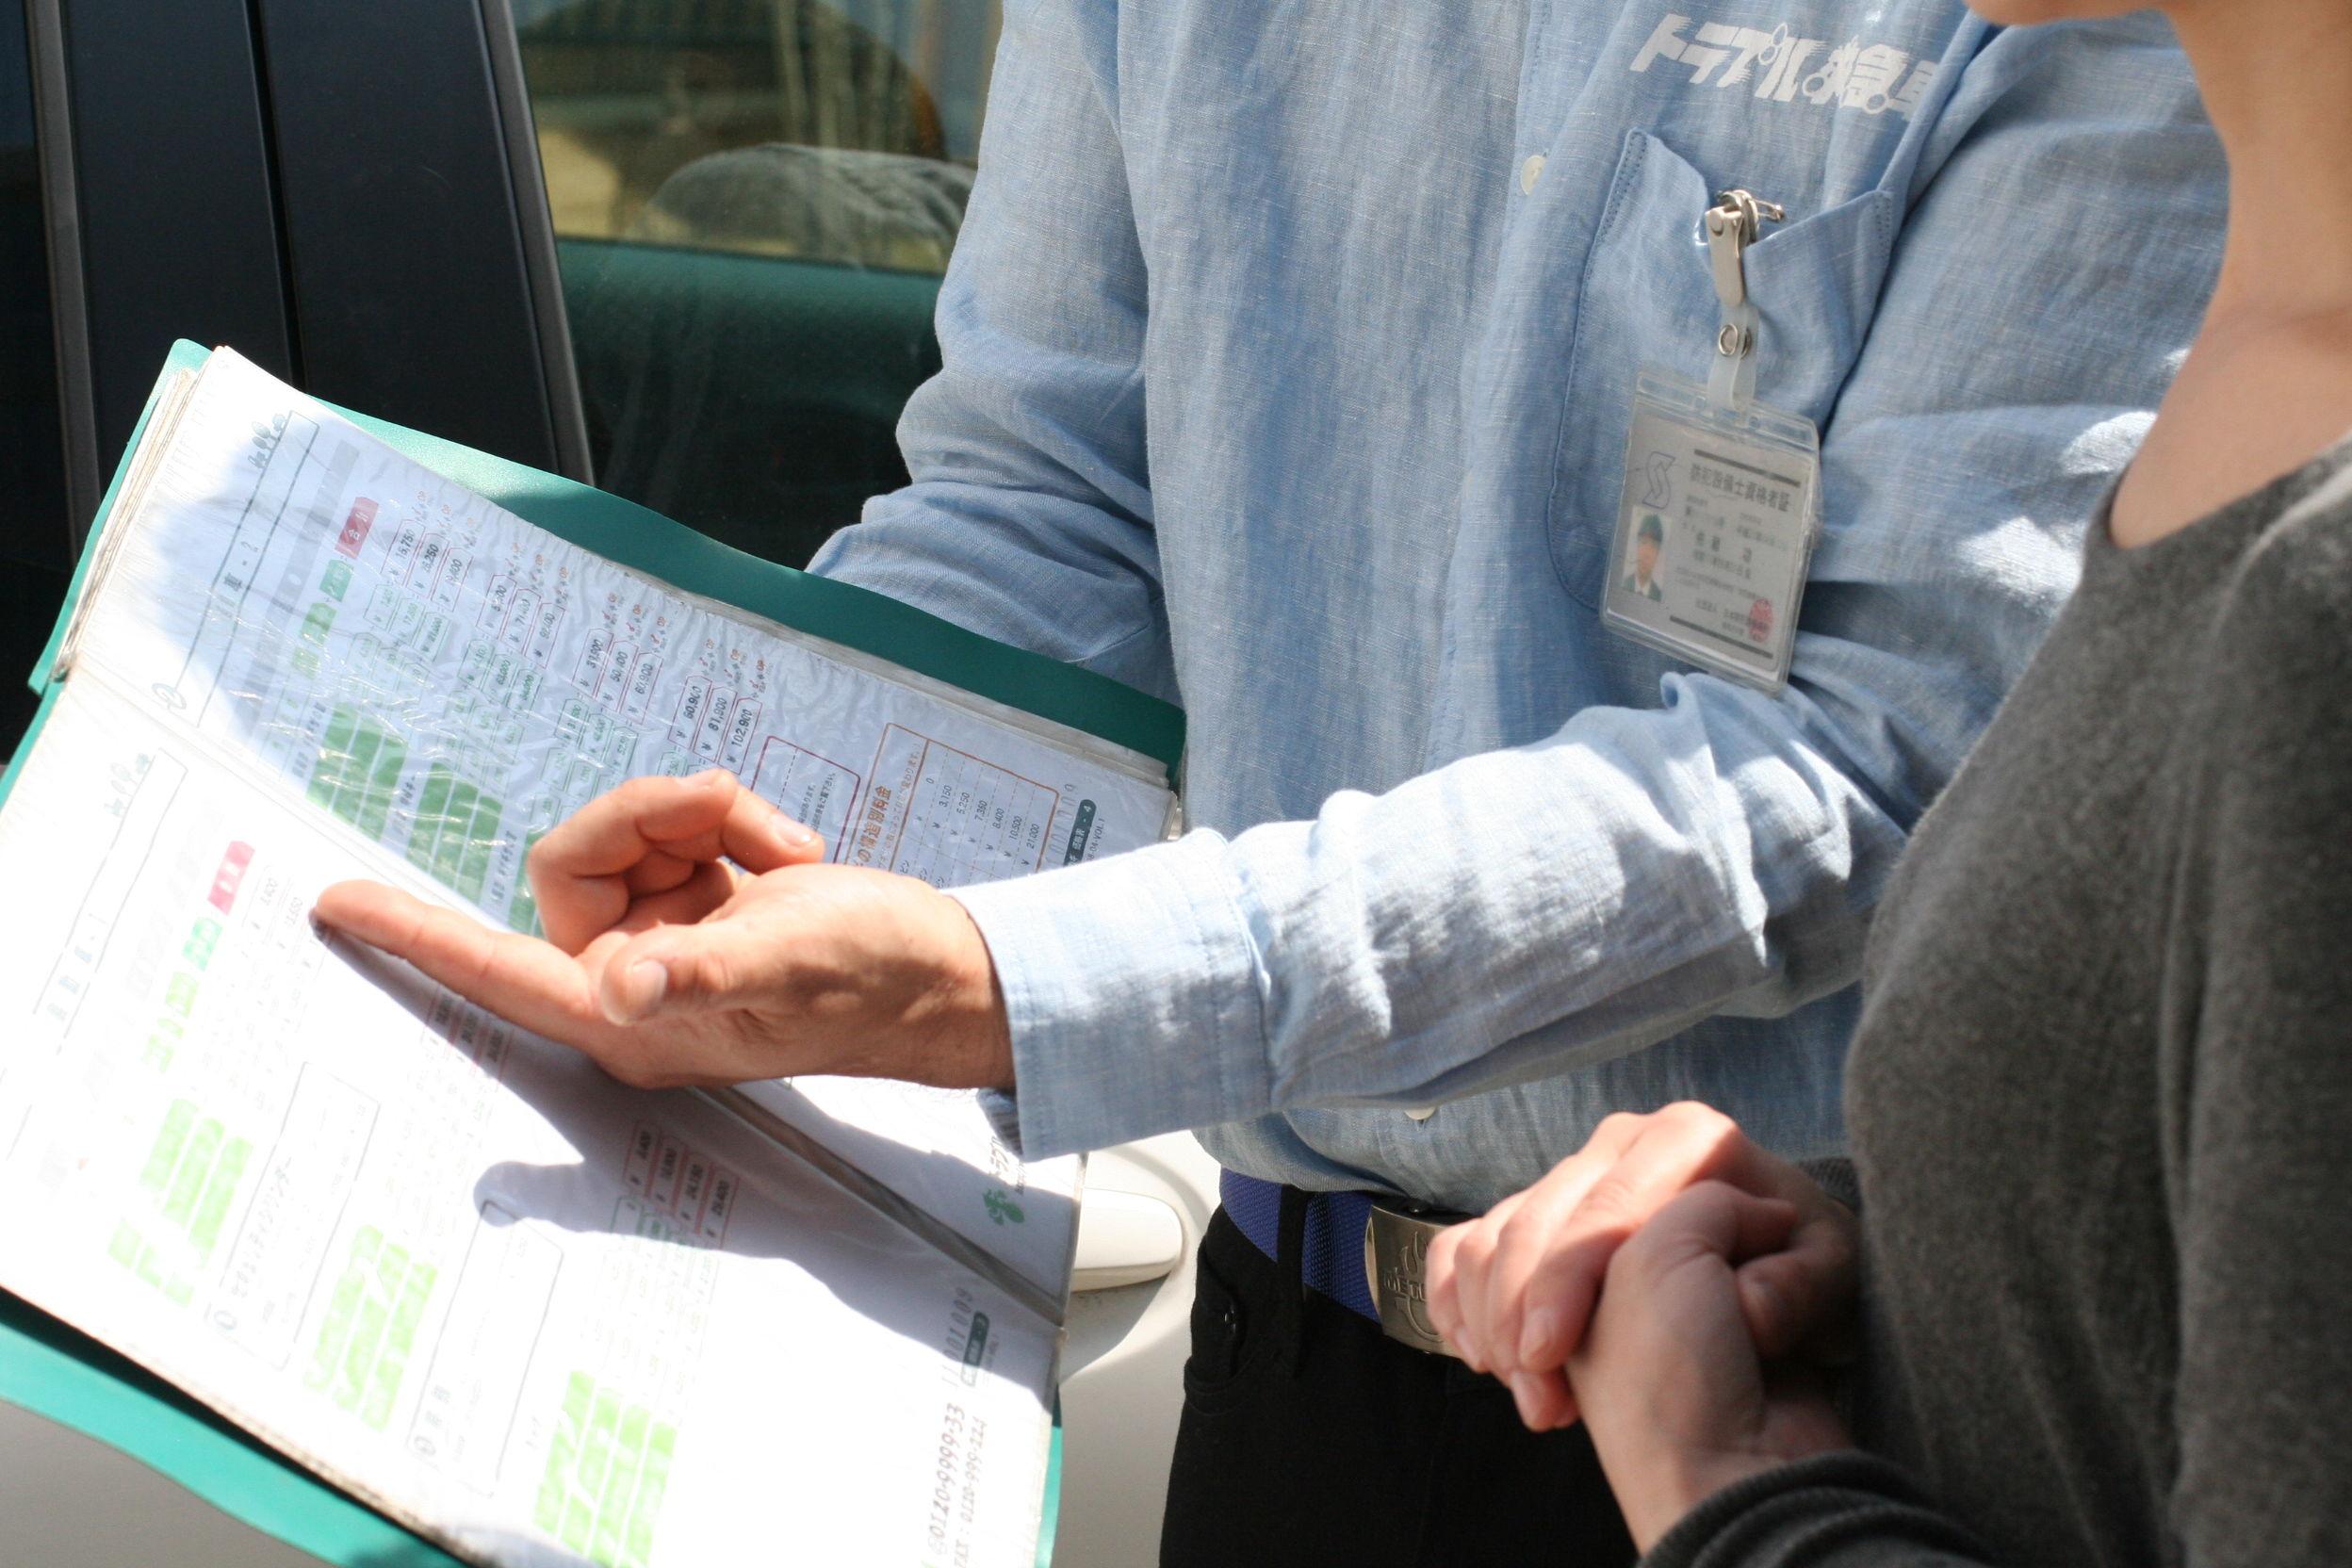 カギのトラブル救急車【安芸郡熊野町 出張エリア】のメイン画像